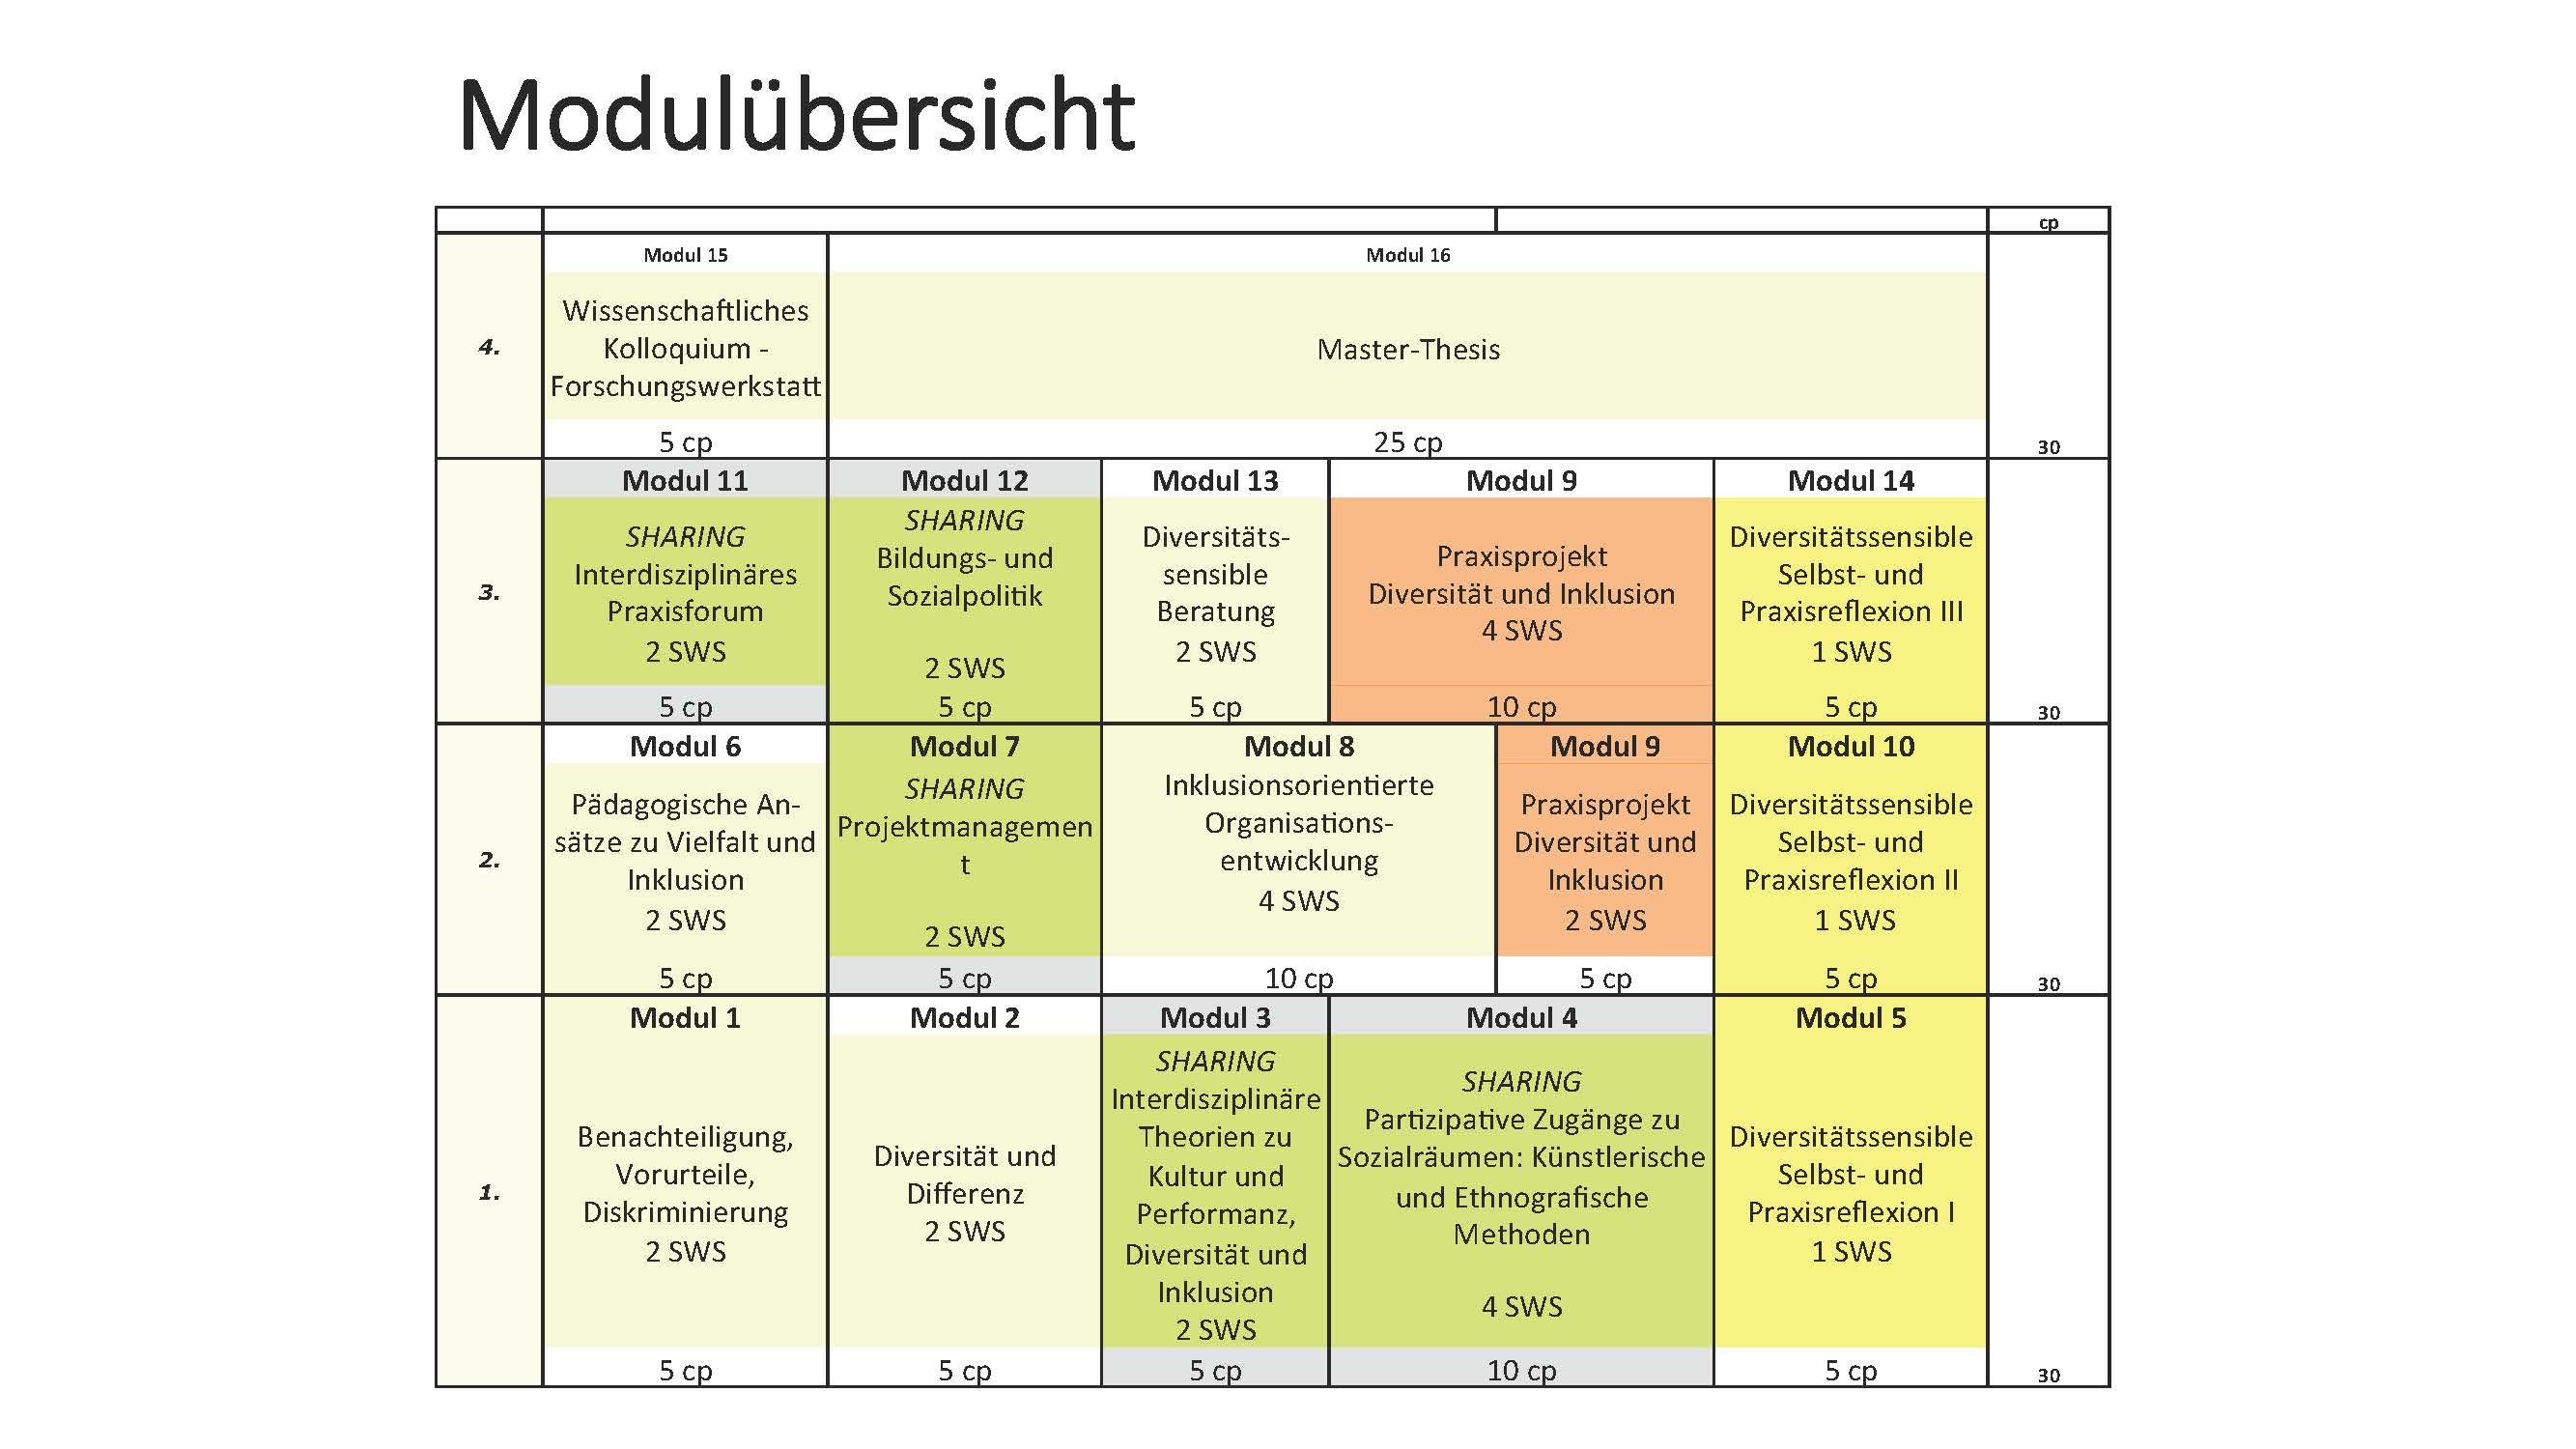 Fh frankfurt master soziale arbeit masterarbeit schreiben lassen kosten